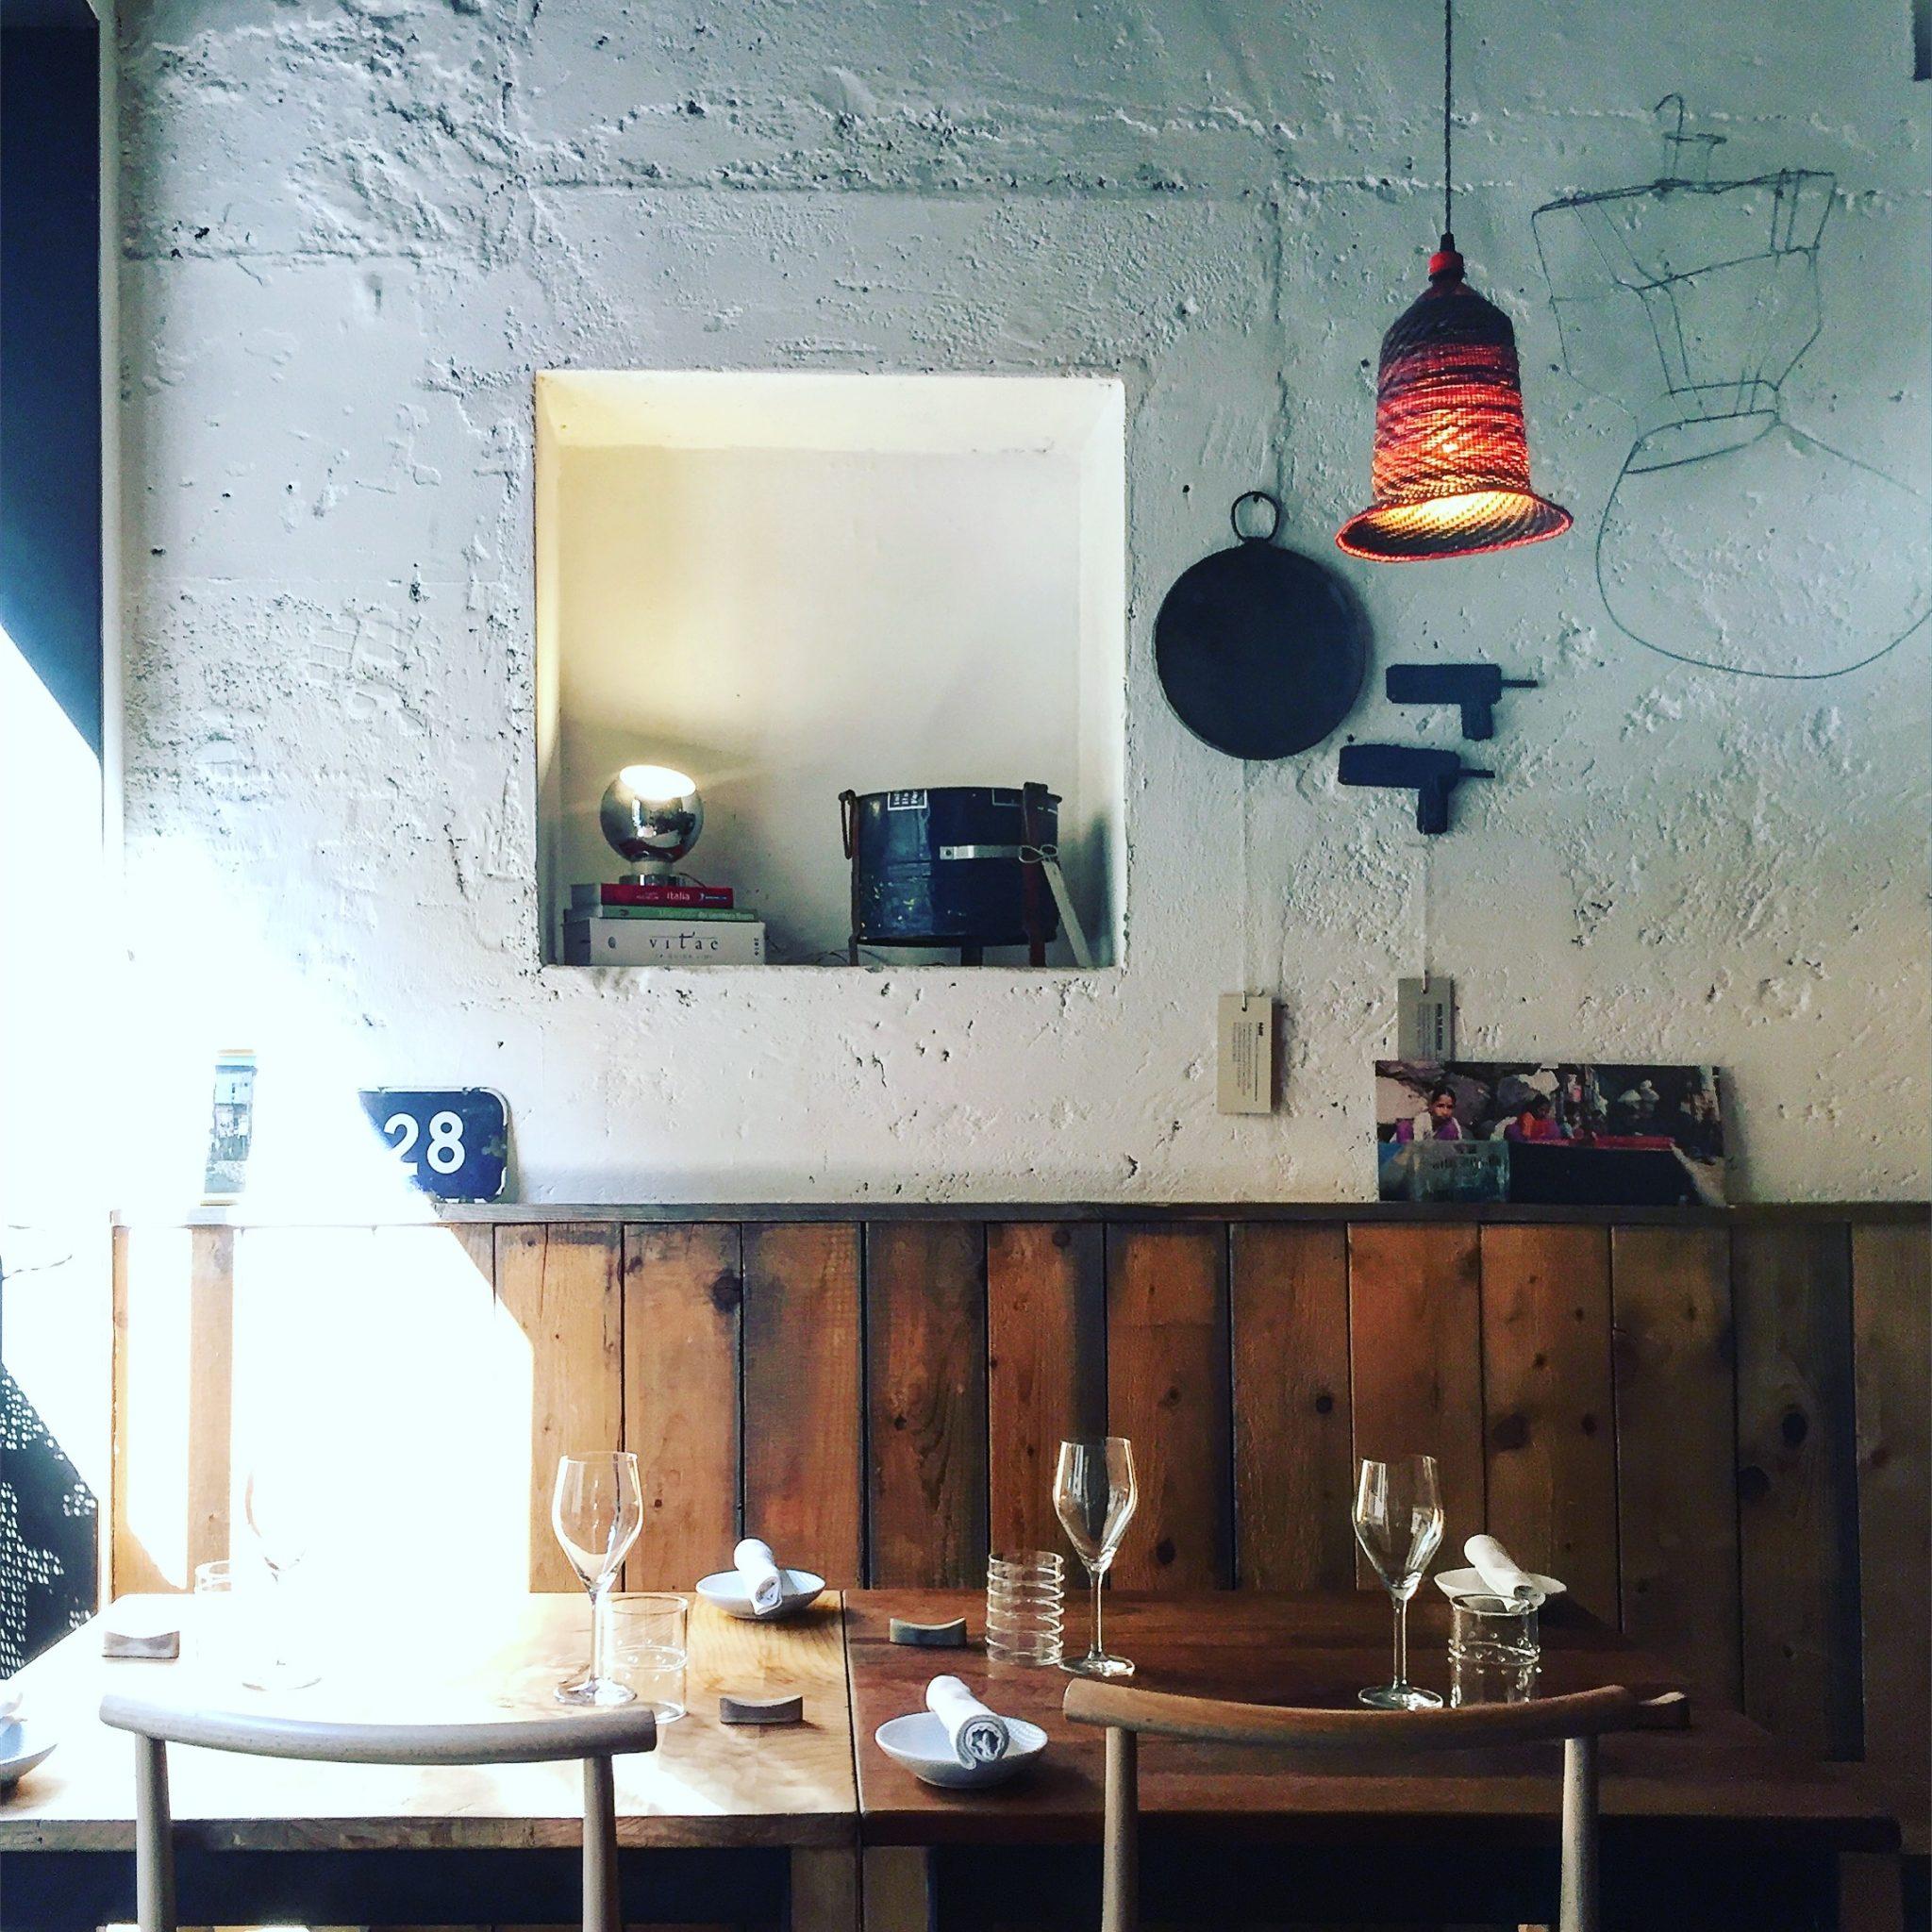 tavoli nel ristorante di milano 28 posti